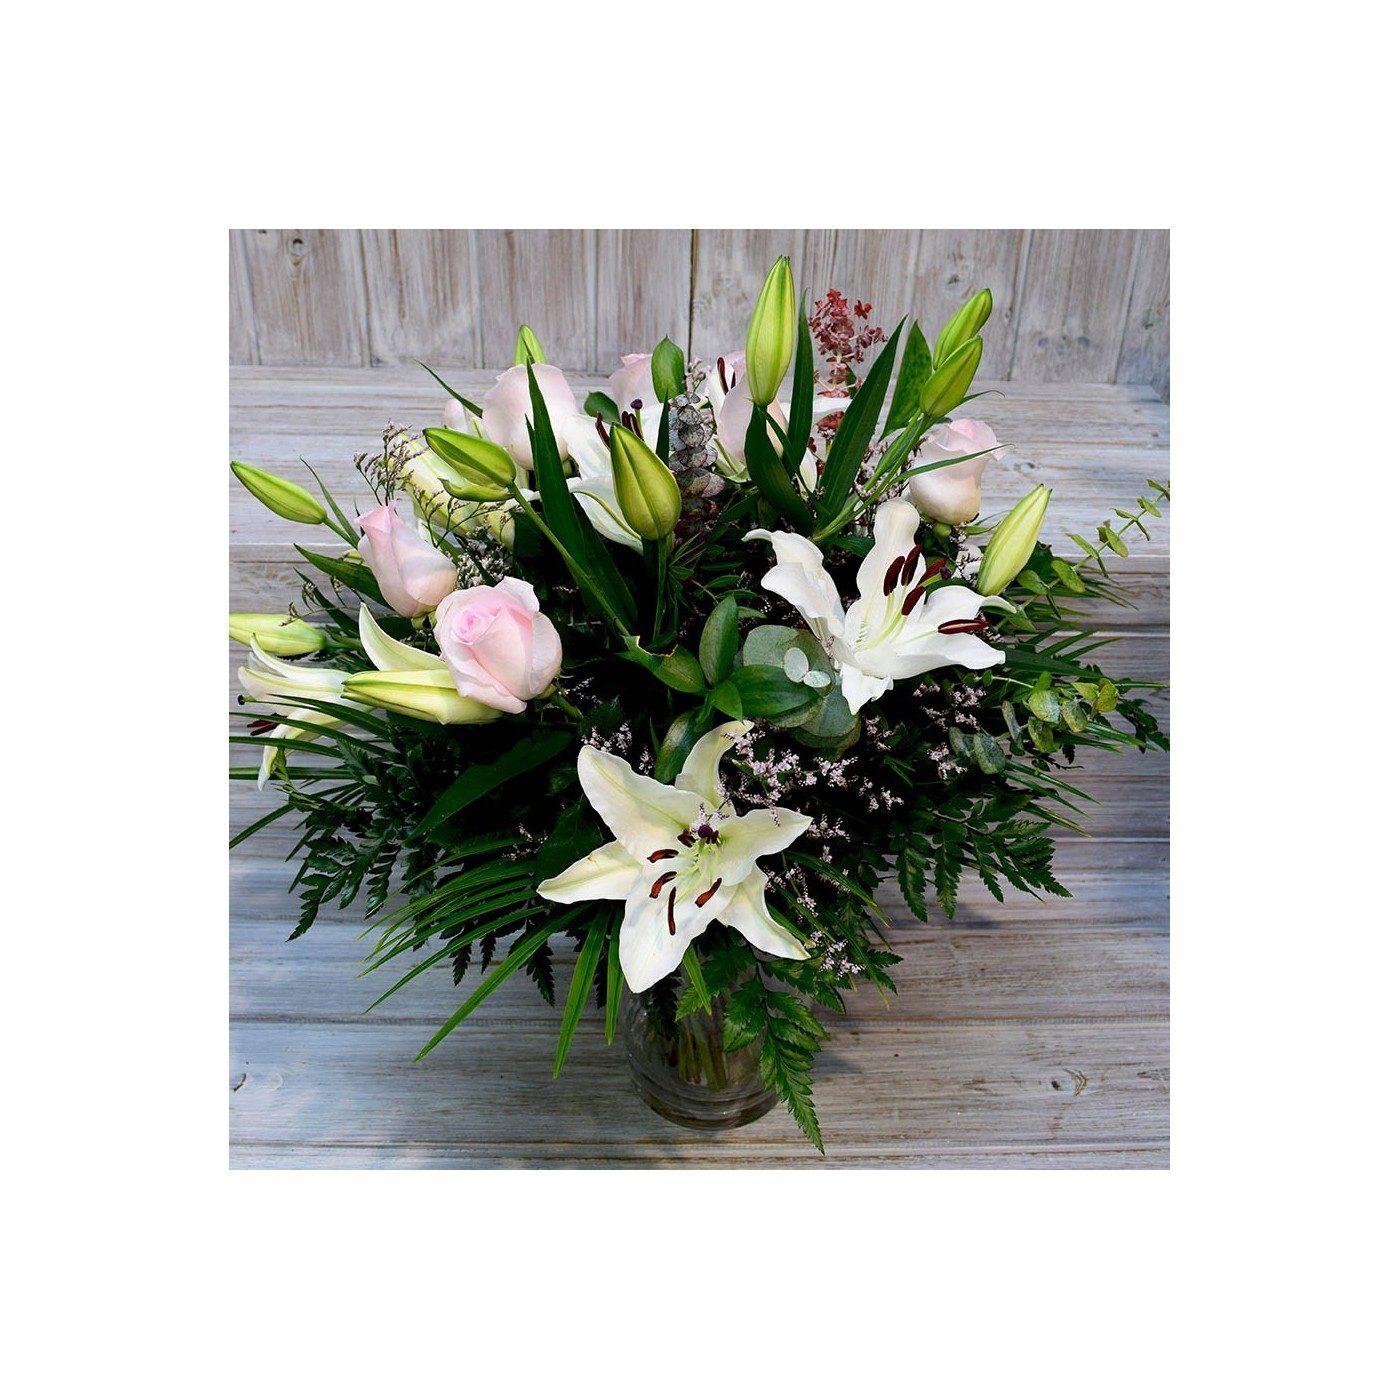 Ram de lilium blanc i roses crema